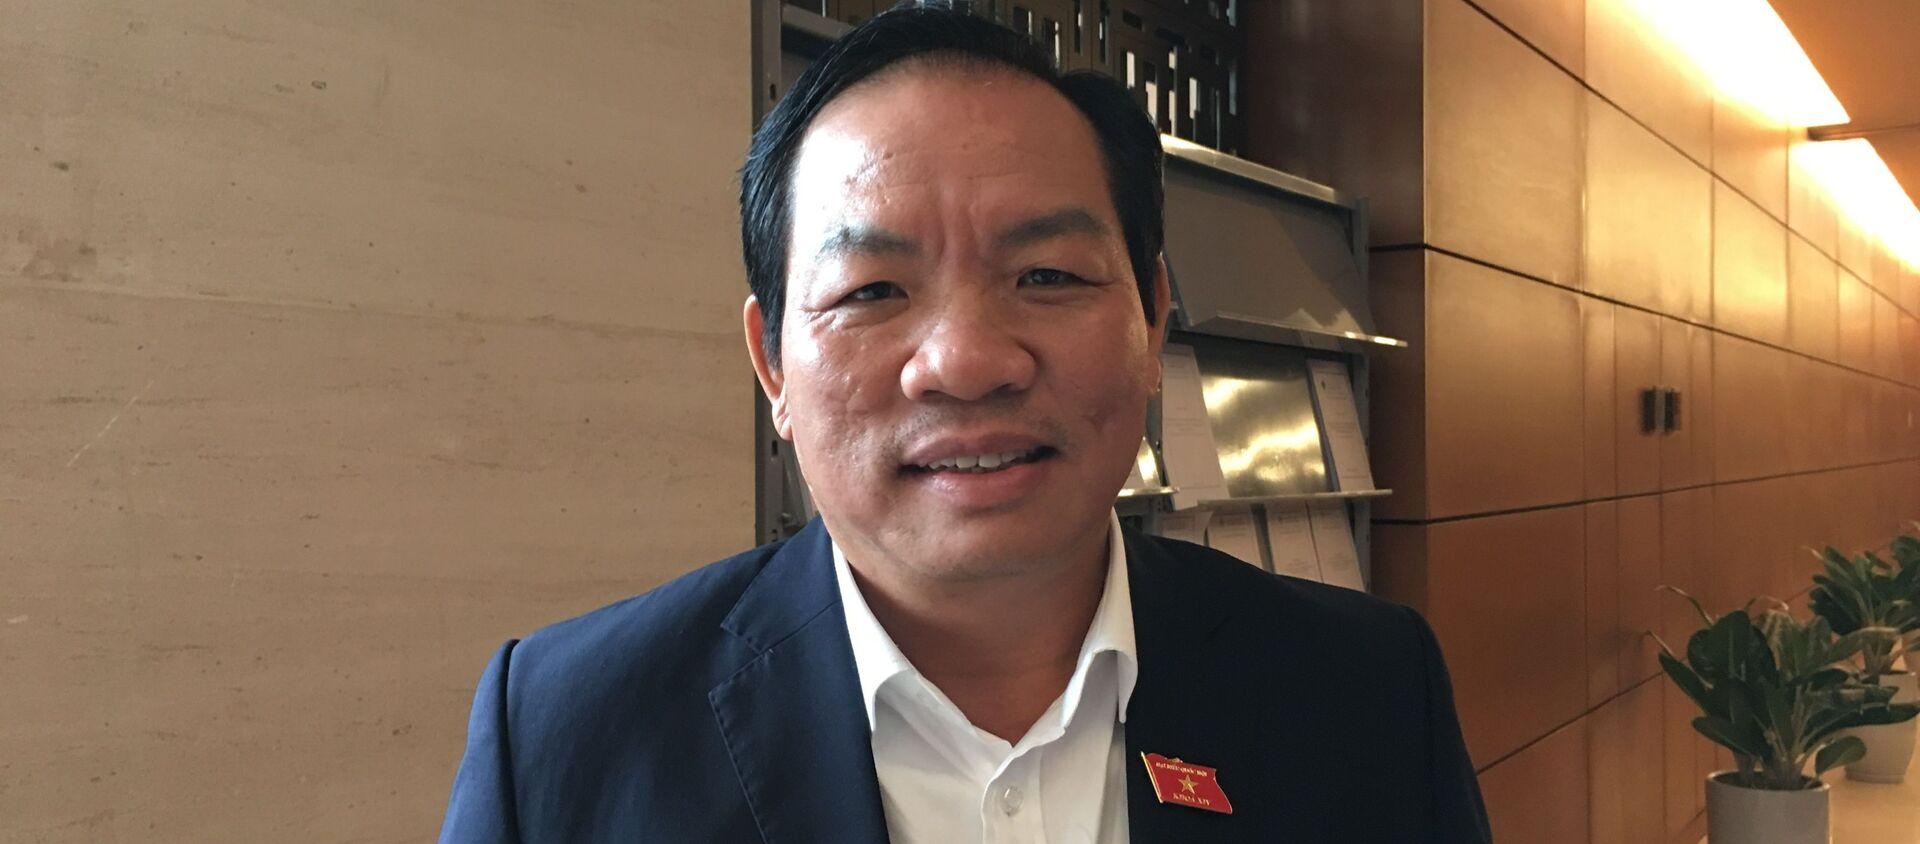 Phó Chủ nhiệm ủy ban Khoa học, Công nghệ và Môi trường của Quốc hội Lê Hồng Tịnh. - Sputnik Việt Nam, 1920, 10.06.2019